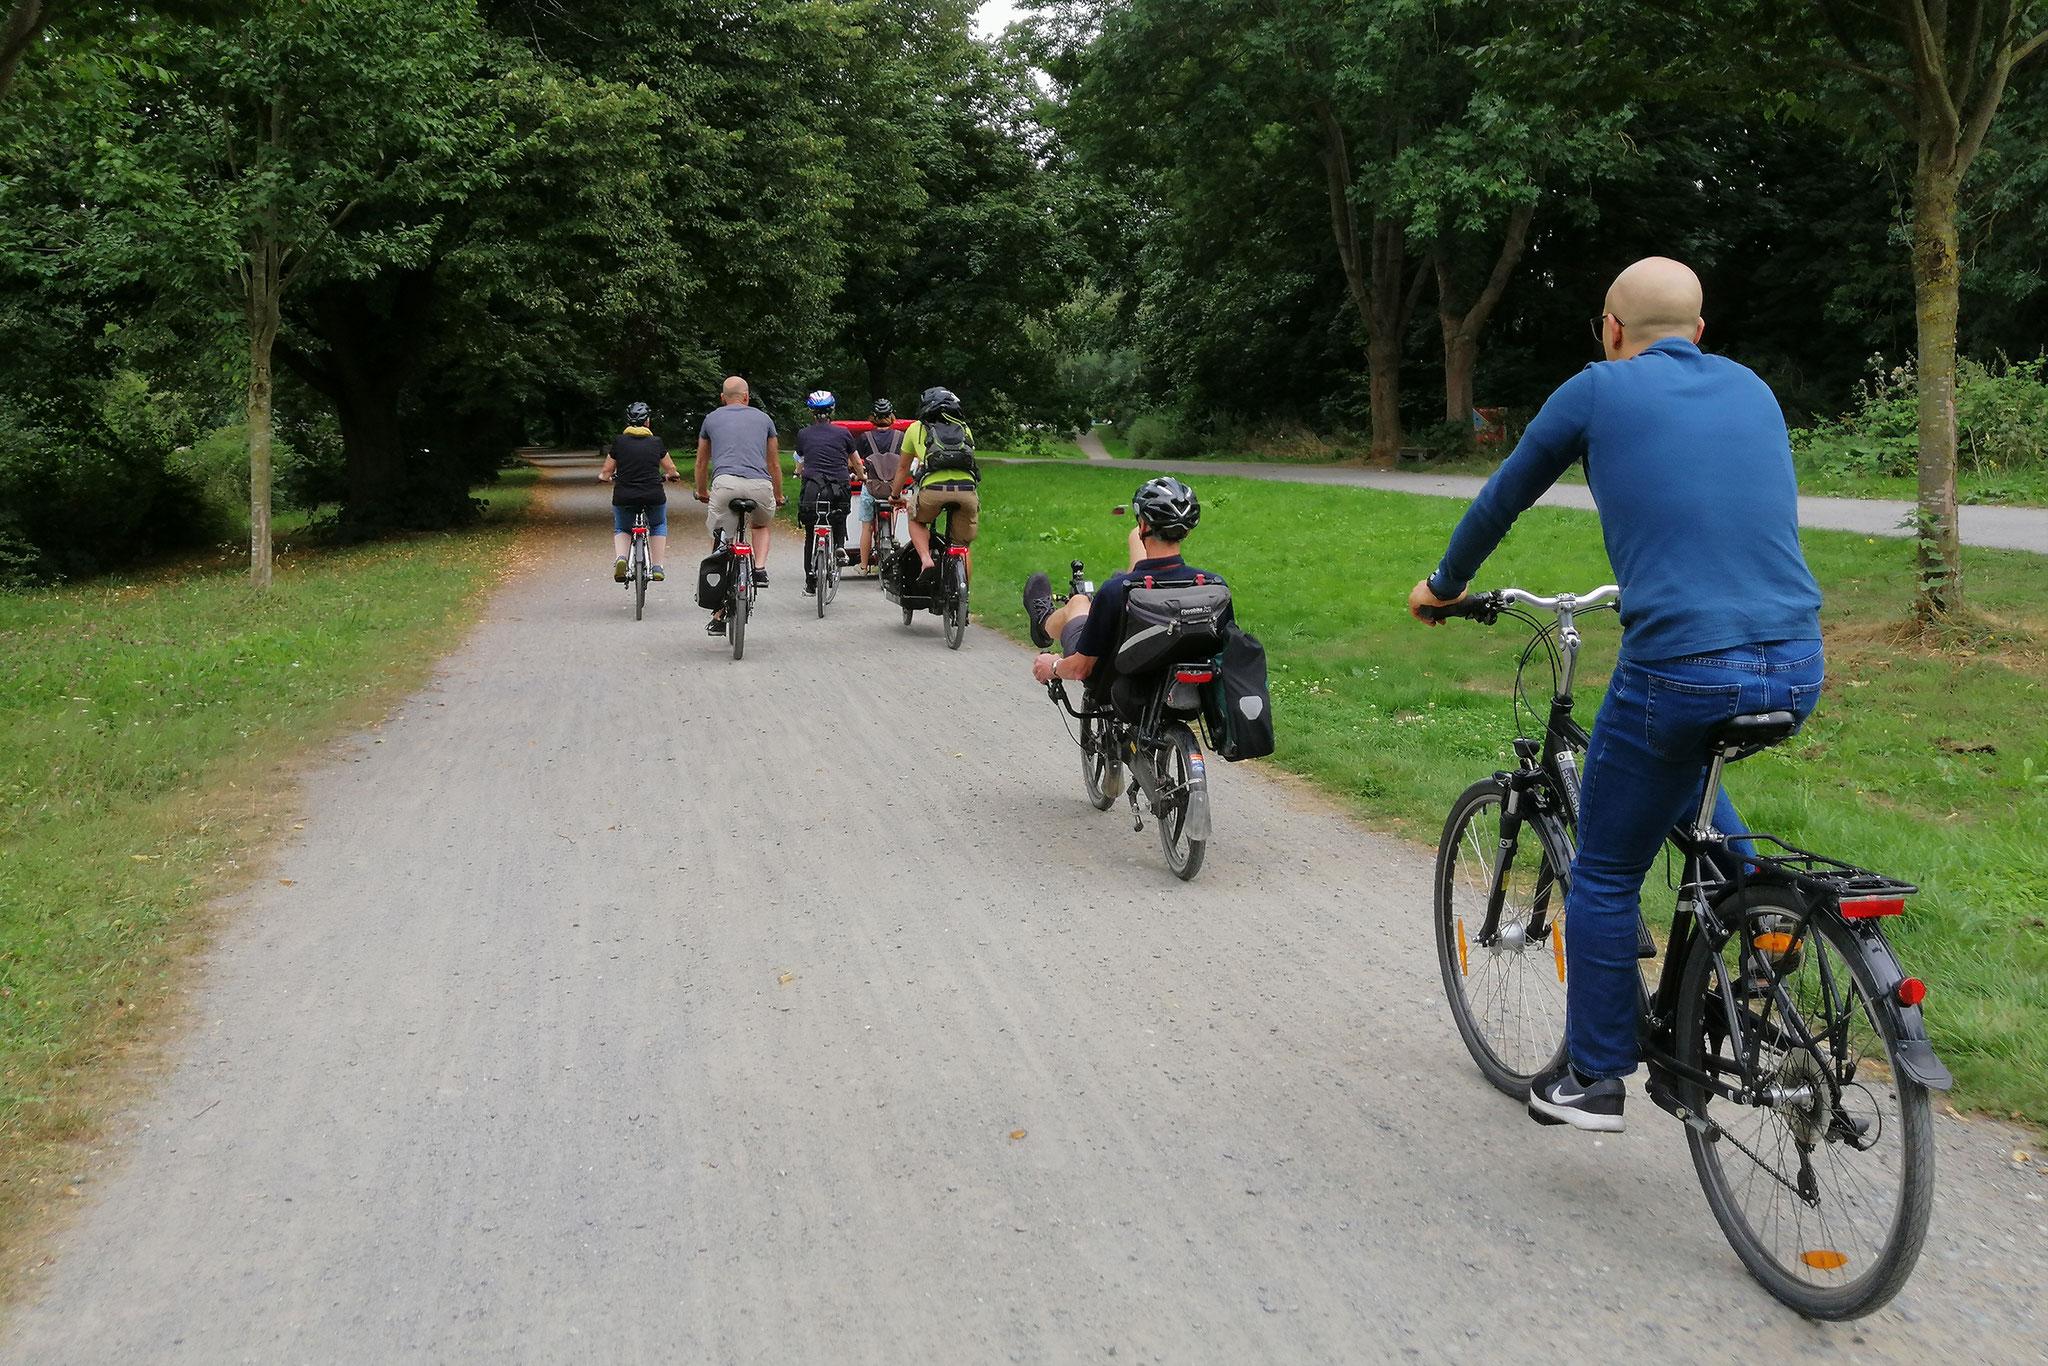 7.8.21, Fahrradtour mit Rikschas, Hildesheim